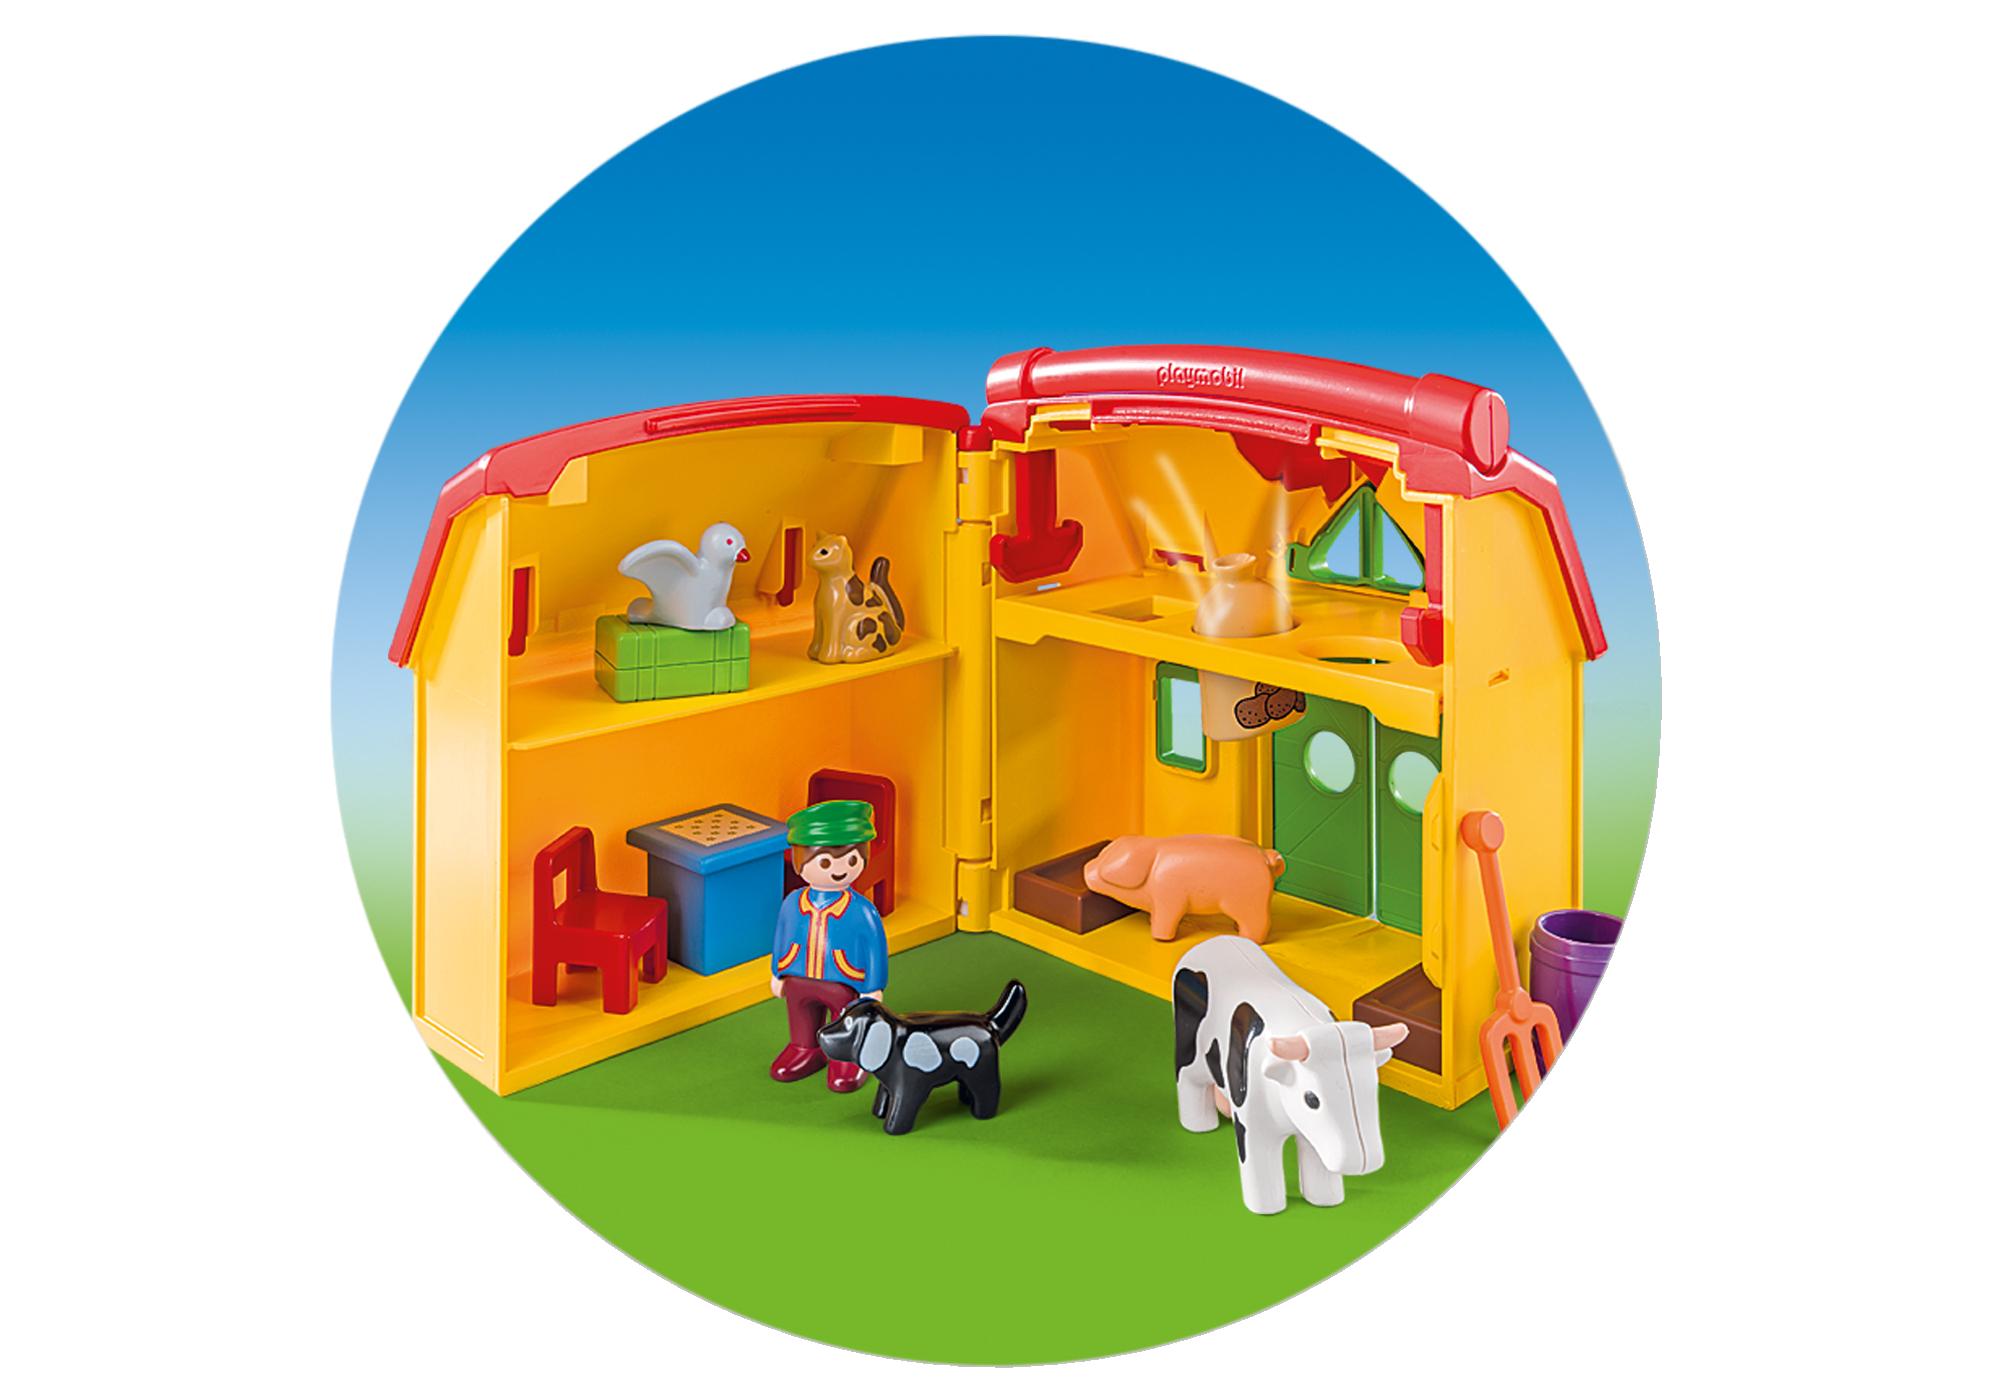 http://media.playmobil.com/i/playmobil/6962_product_extra3/Fattoria portatile apri e gioca 1.2.3